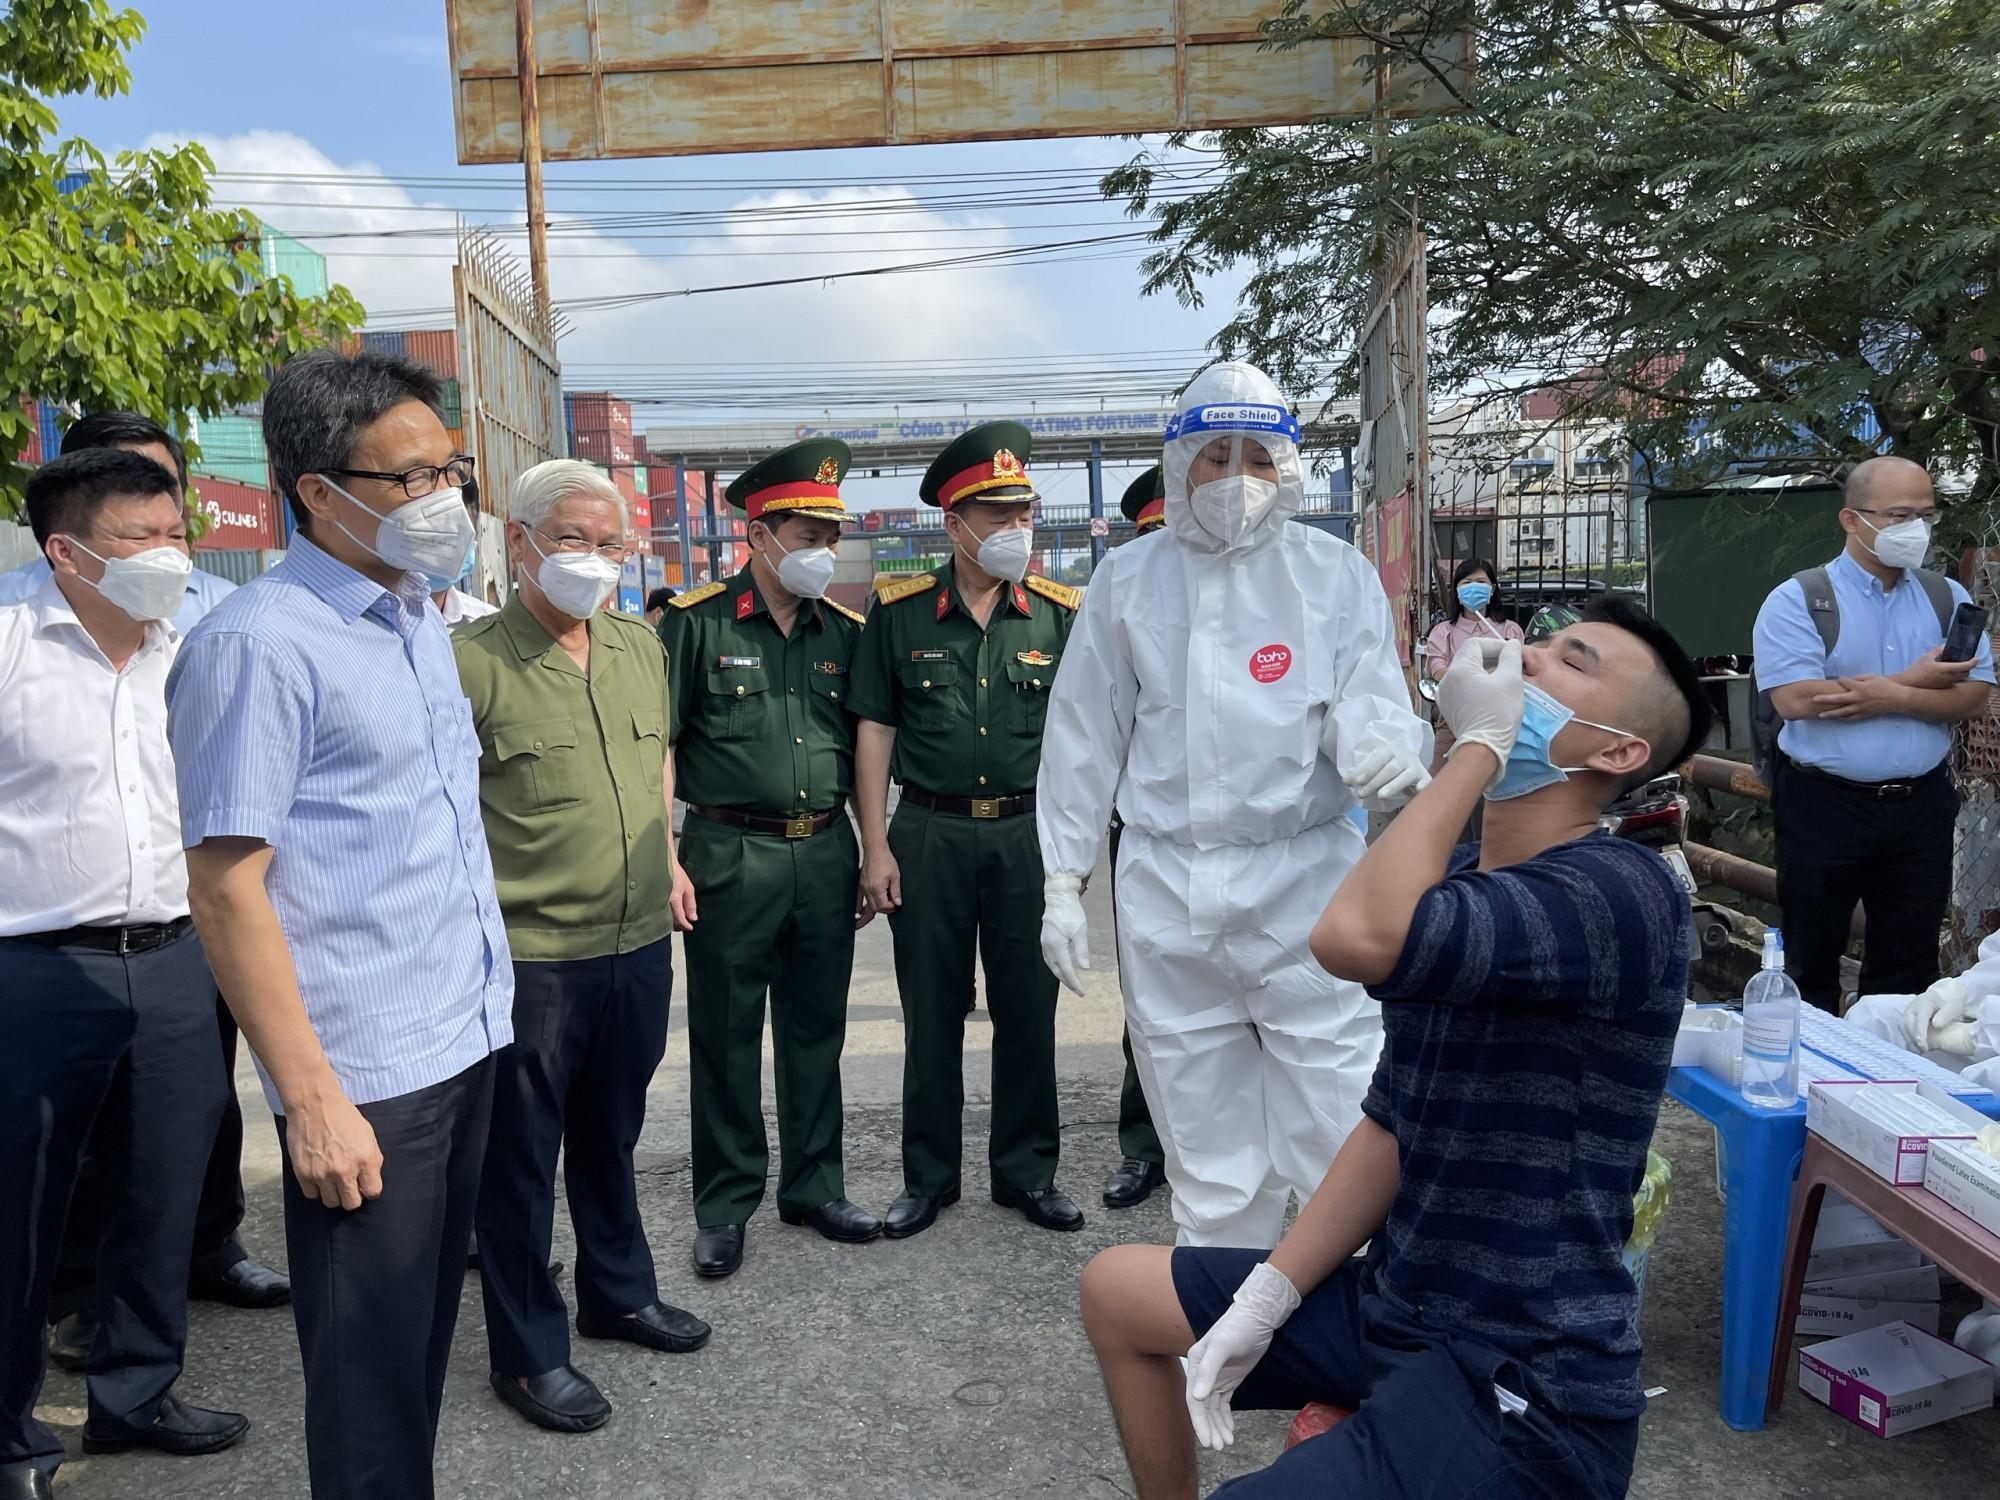 Phó thủ tướng cho rằng lực lượng y tế chưa hướng dẫn kỹ cho người dân khi tự lấy mẫu. Ảnh: L.T